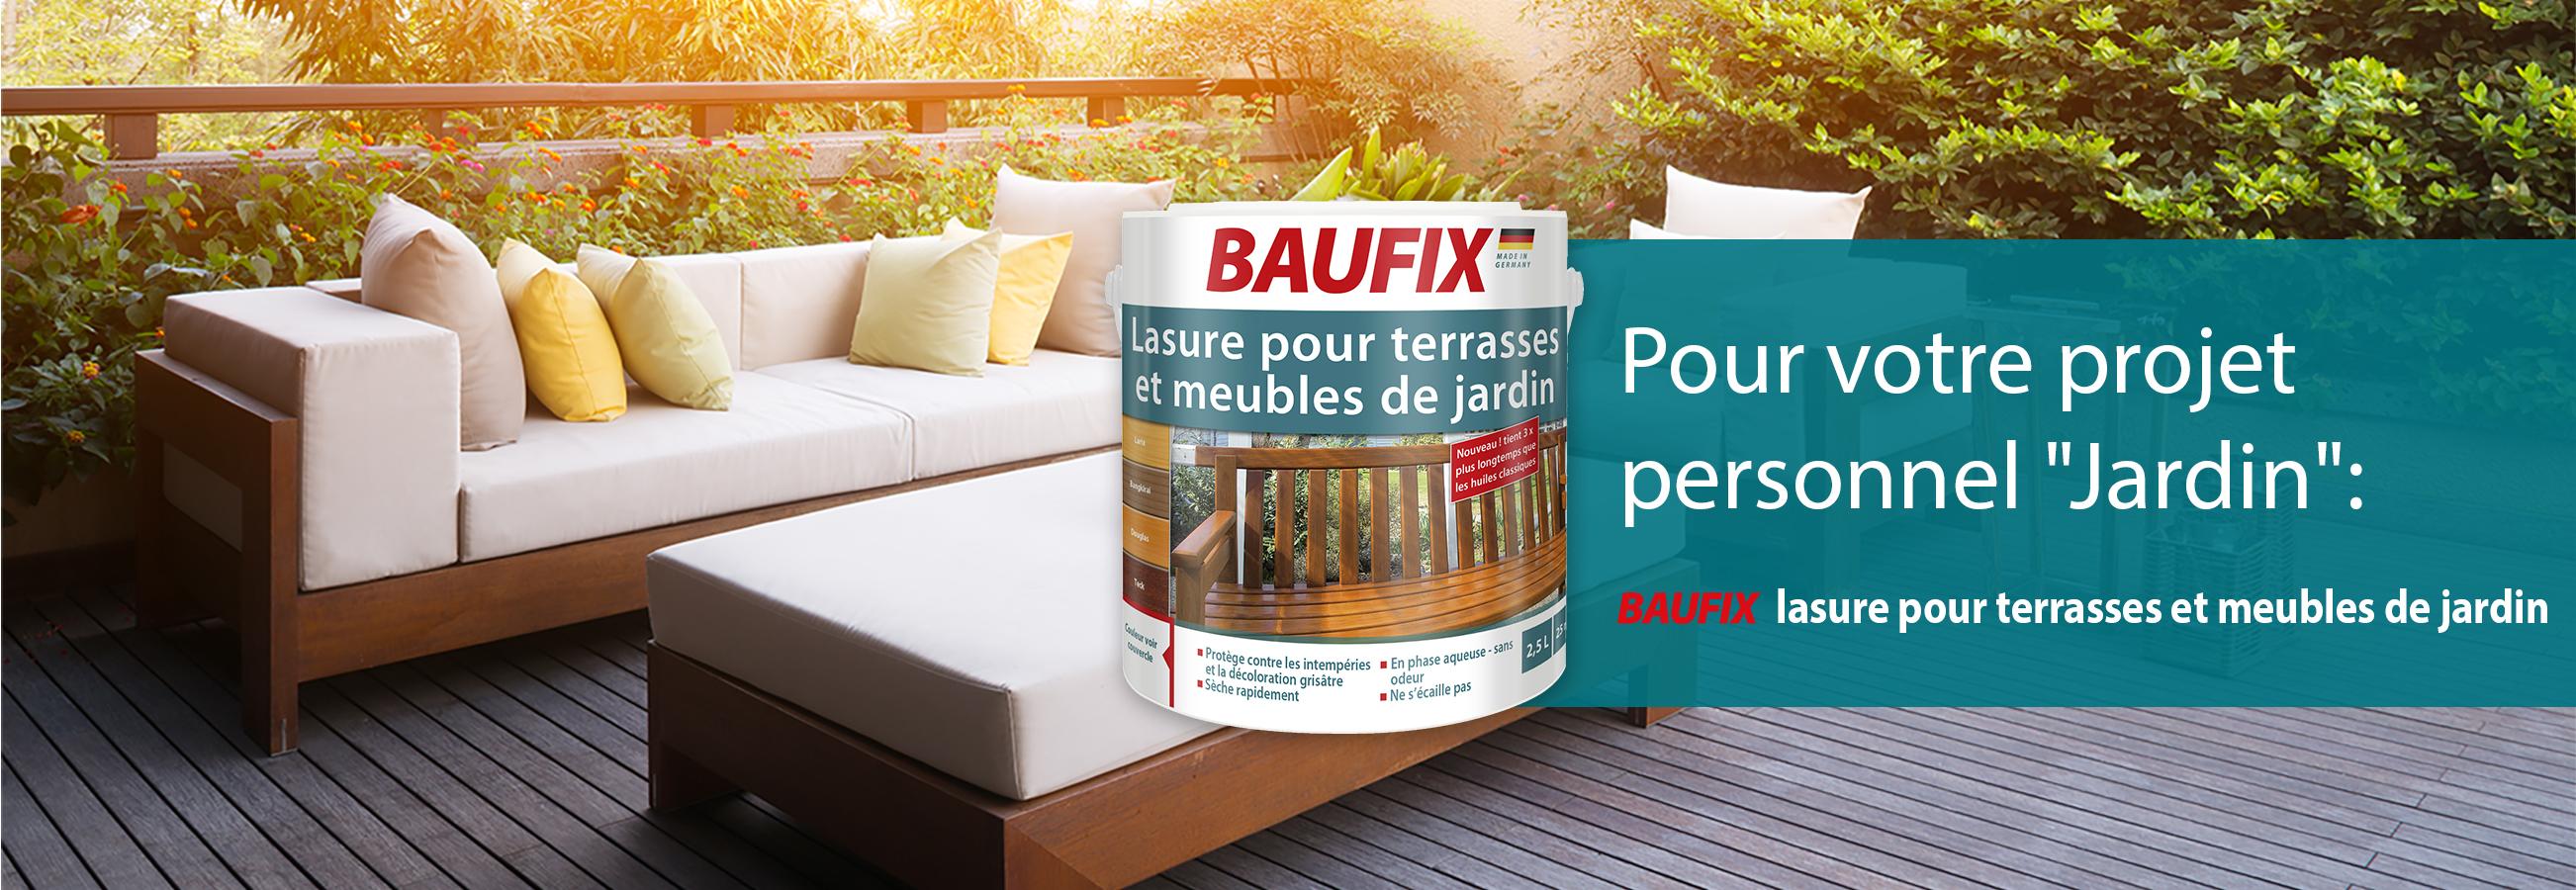 Baufix Online Acheter Peinture Bon Marché En Ligne